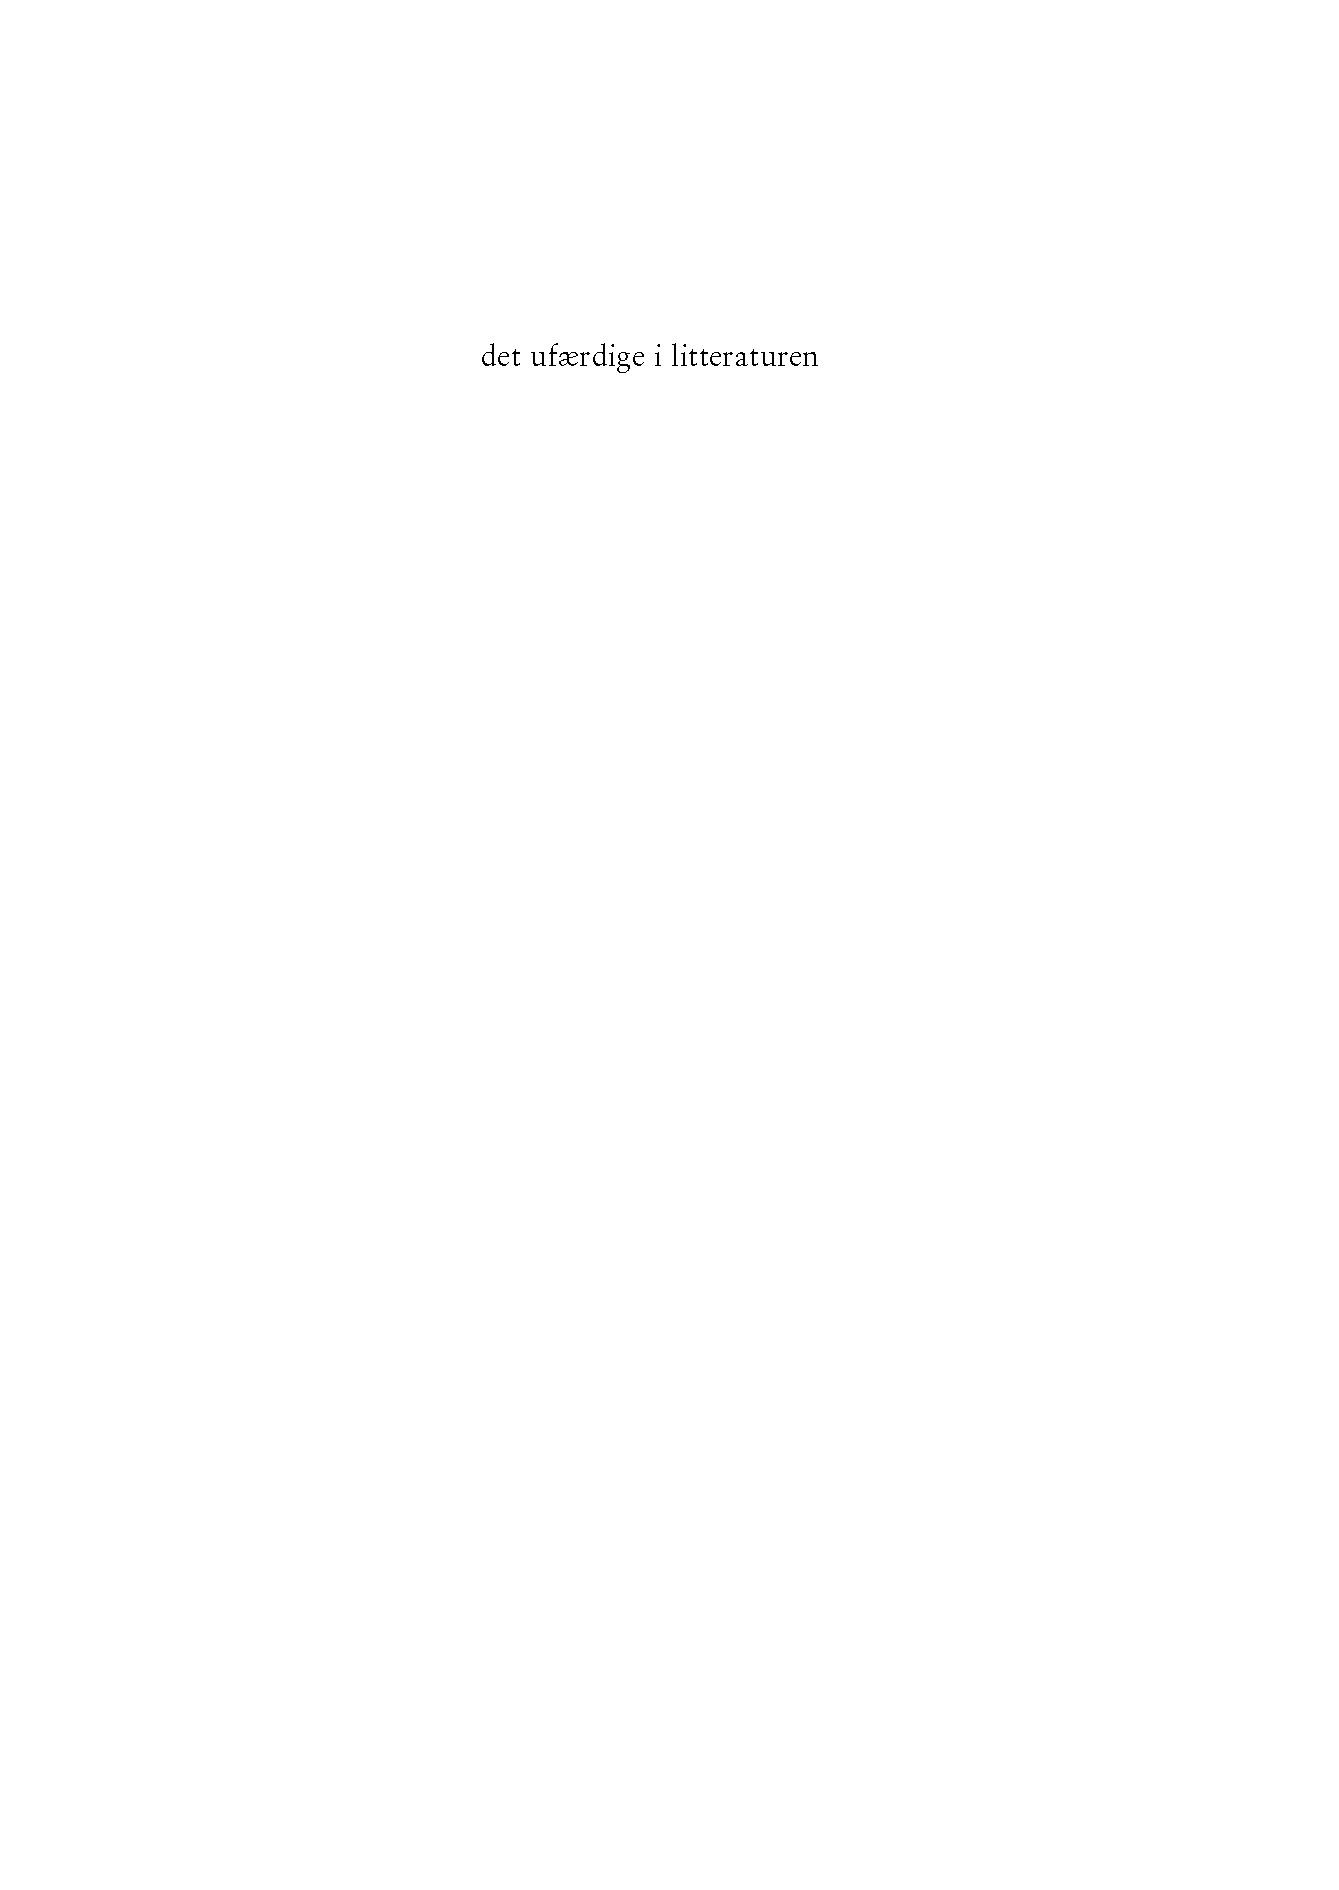 Nye mytologier_Ekko-autor_WEB_Side_37